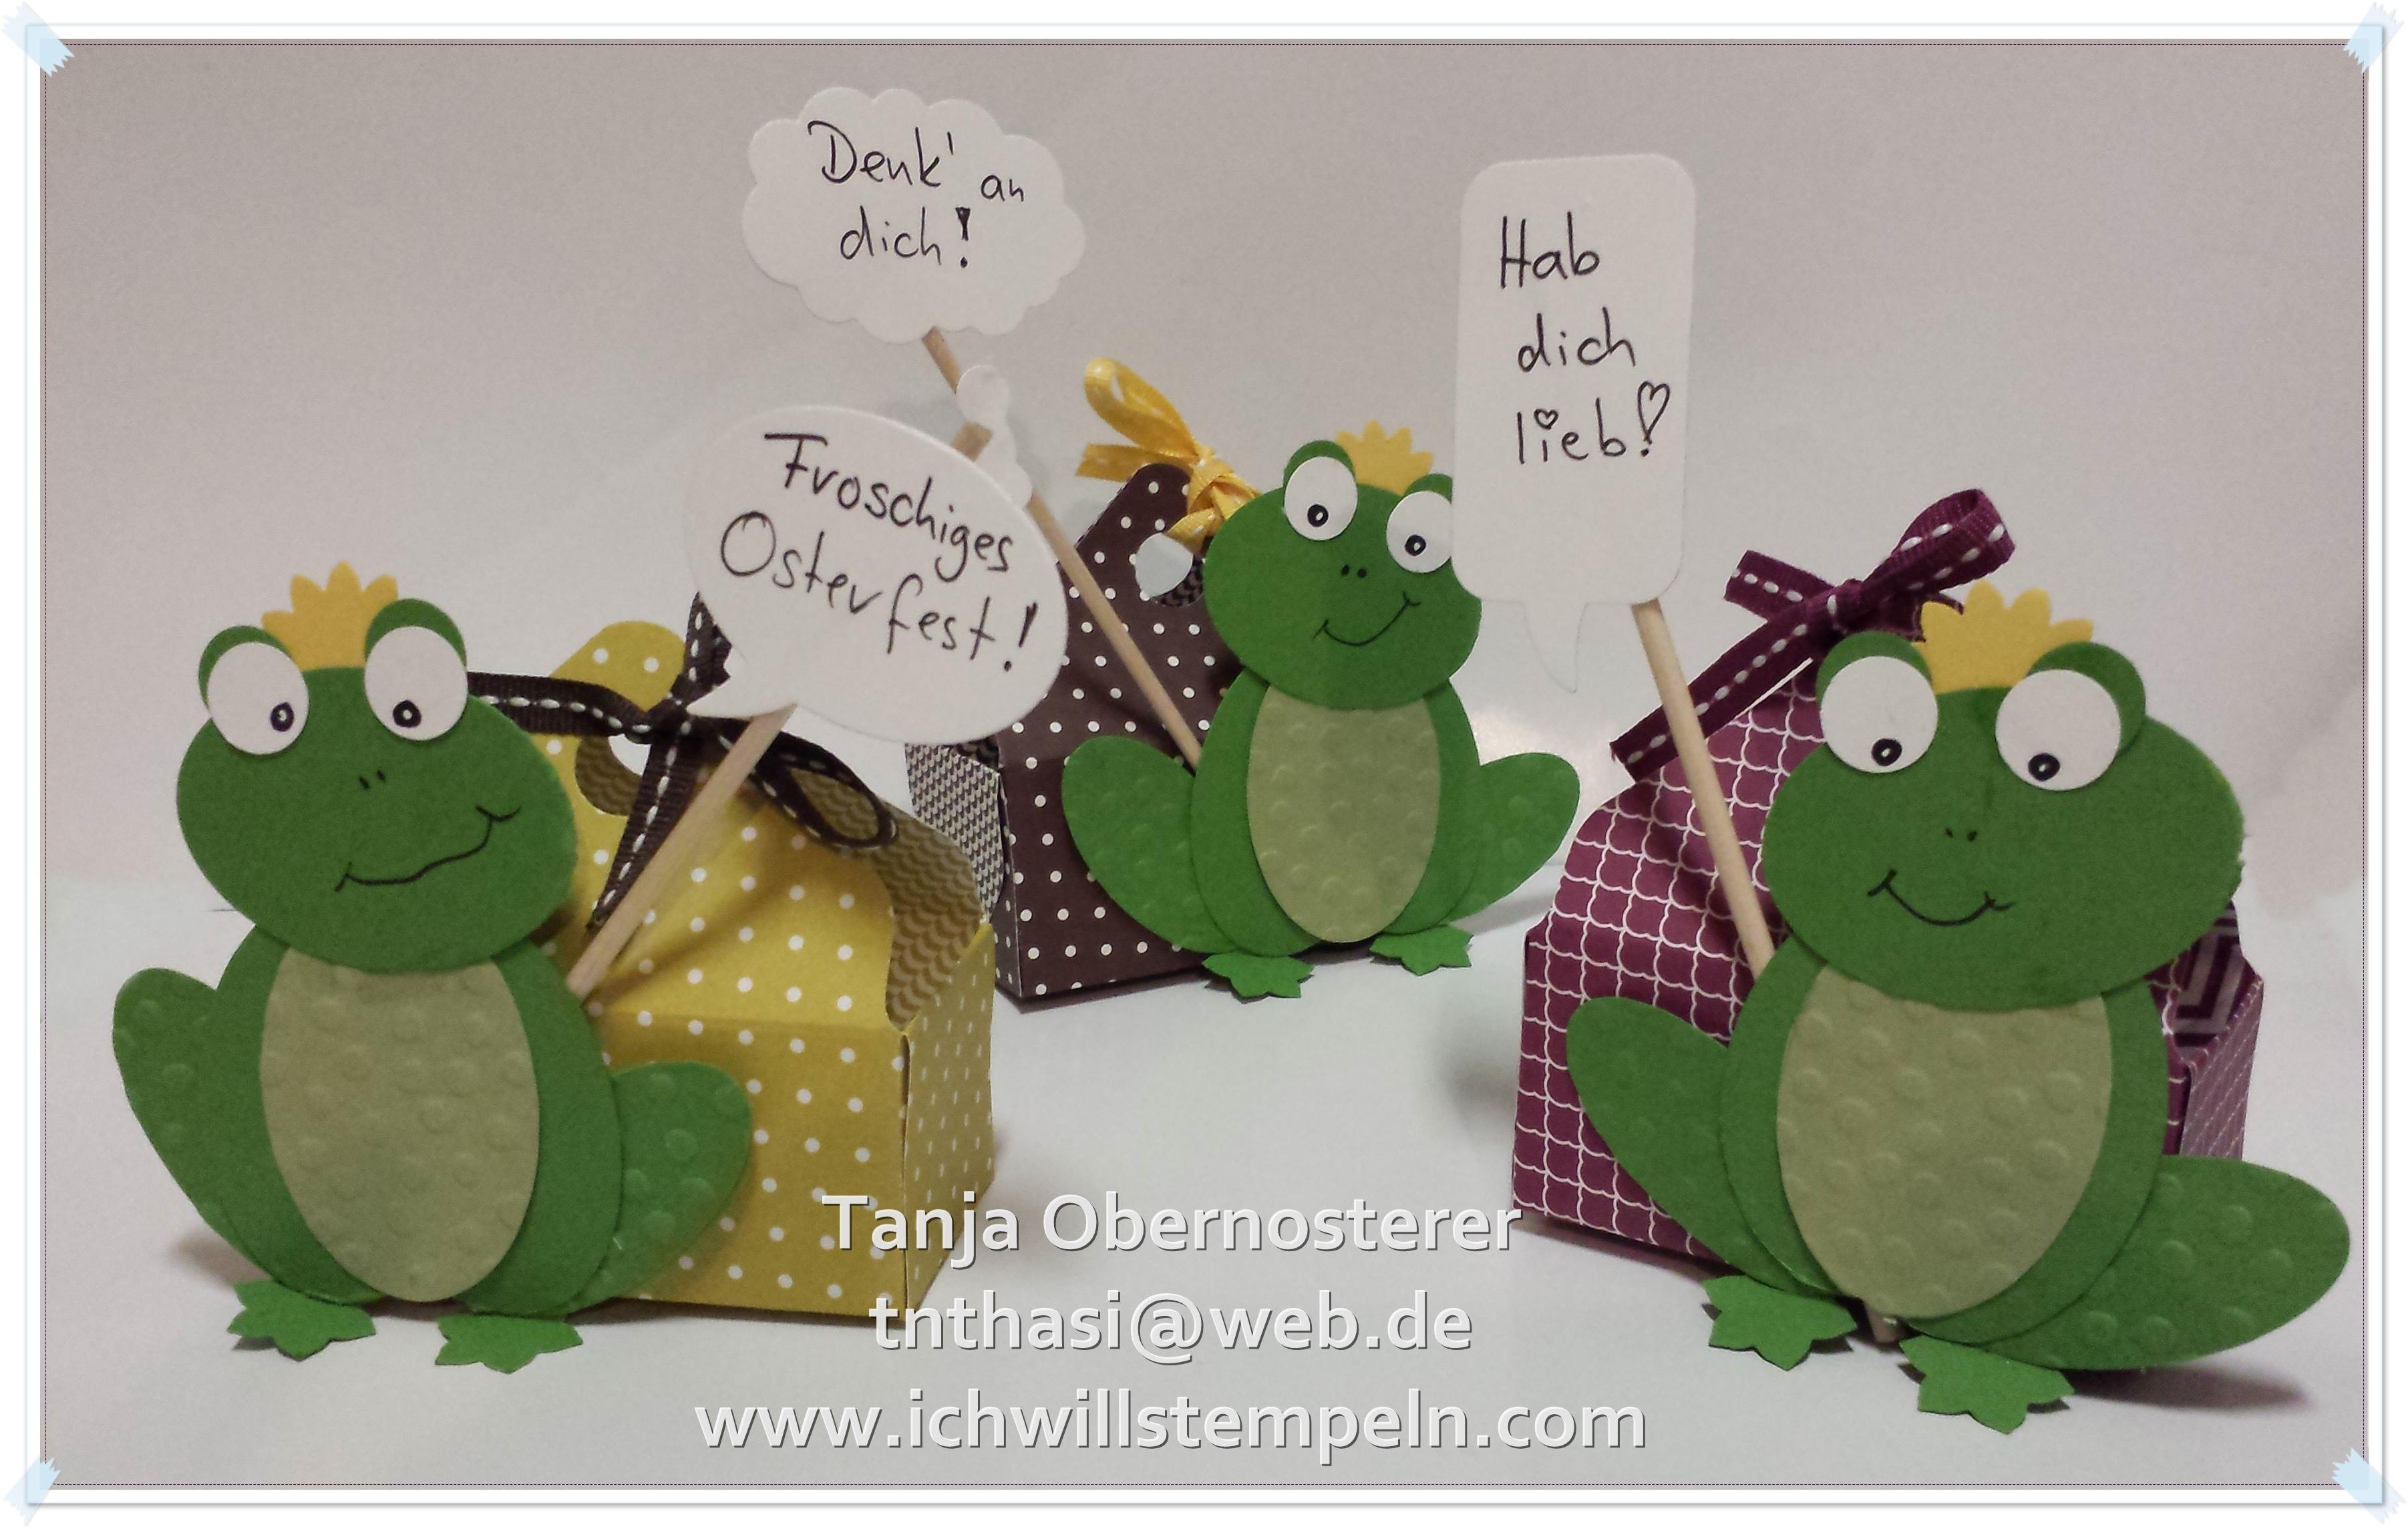 Frosch mit Körbchen - ichwillstempeln.com